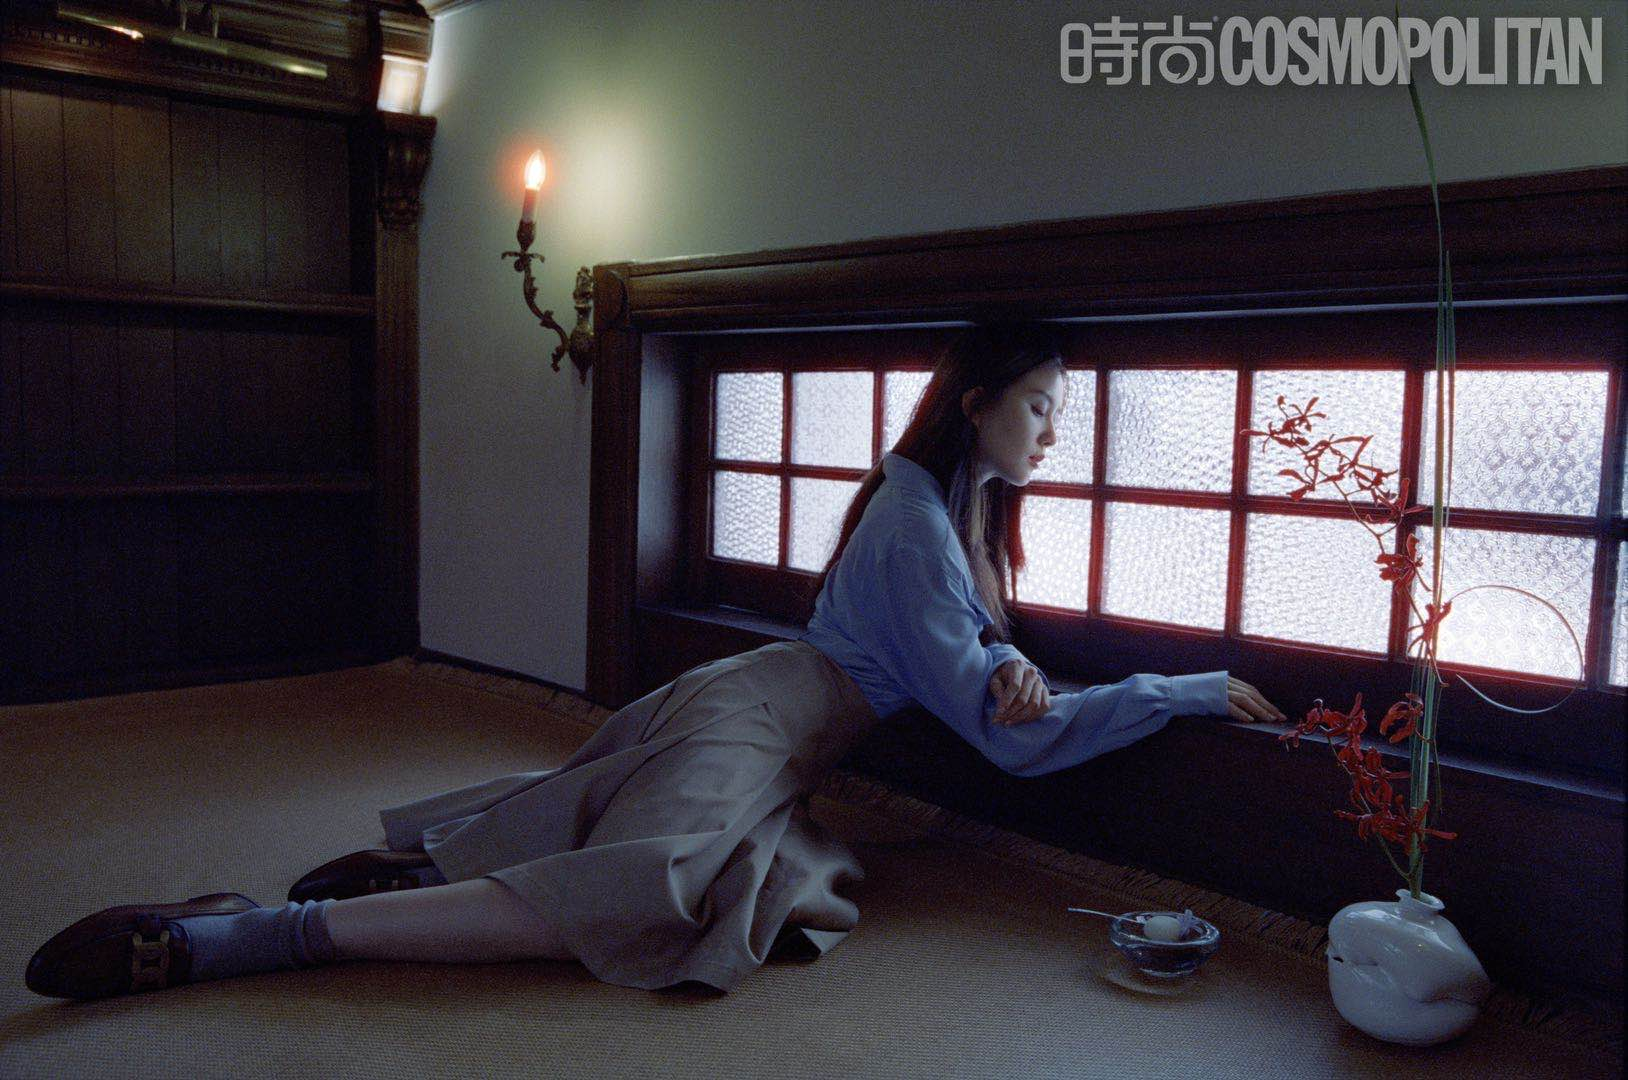 刘诗诗夏日胶片大片释出 清丽演绎午后悠闲时光5.jpg